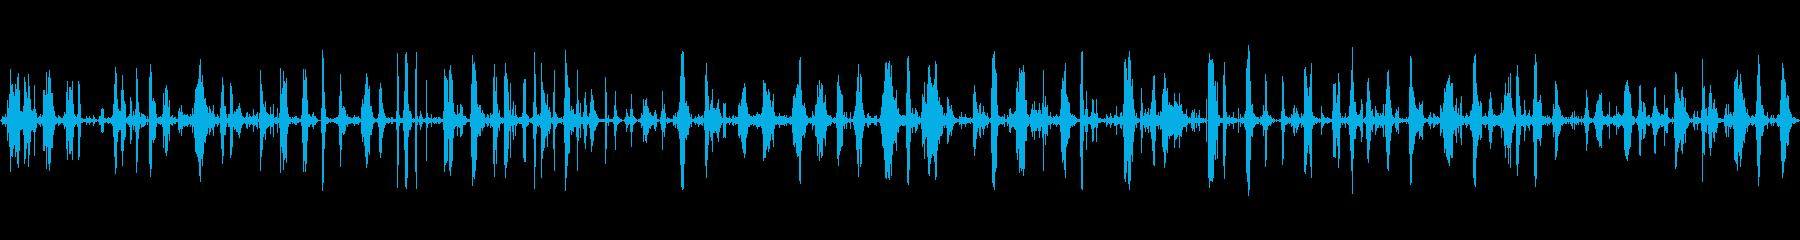 【生録音】枯葉を足で踏み鳴らす音の再生済みの波形